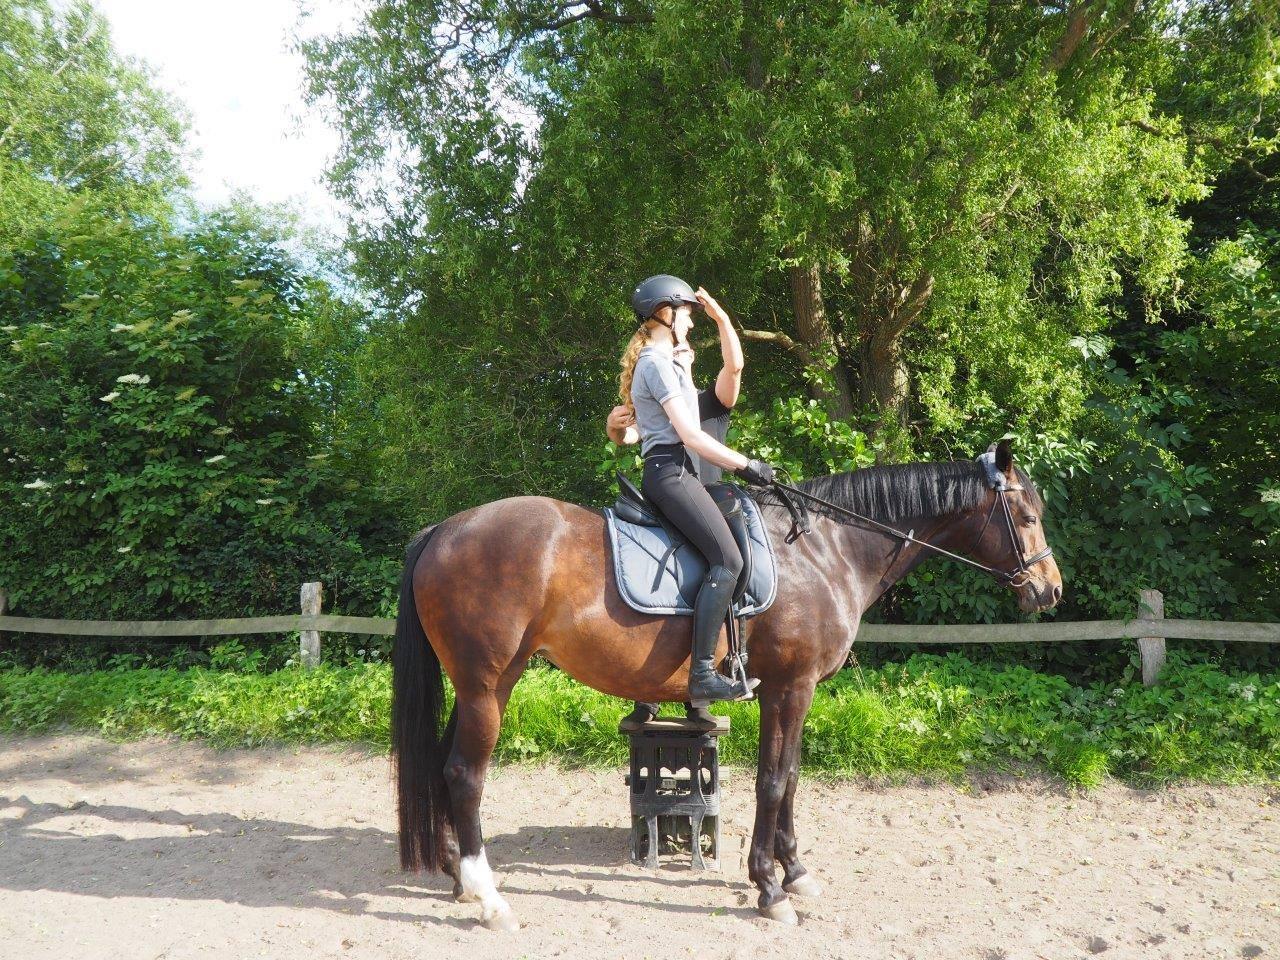 Reitunterricht direkt am Menschen und Pferd